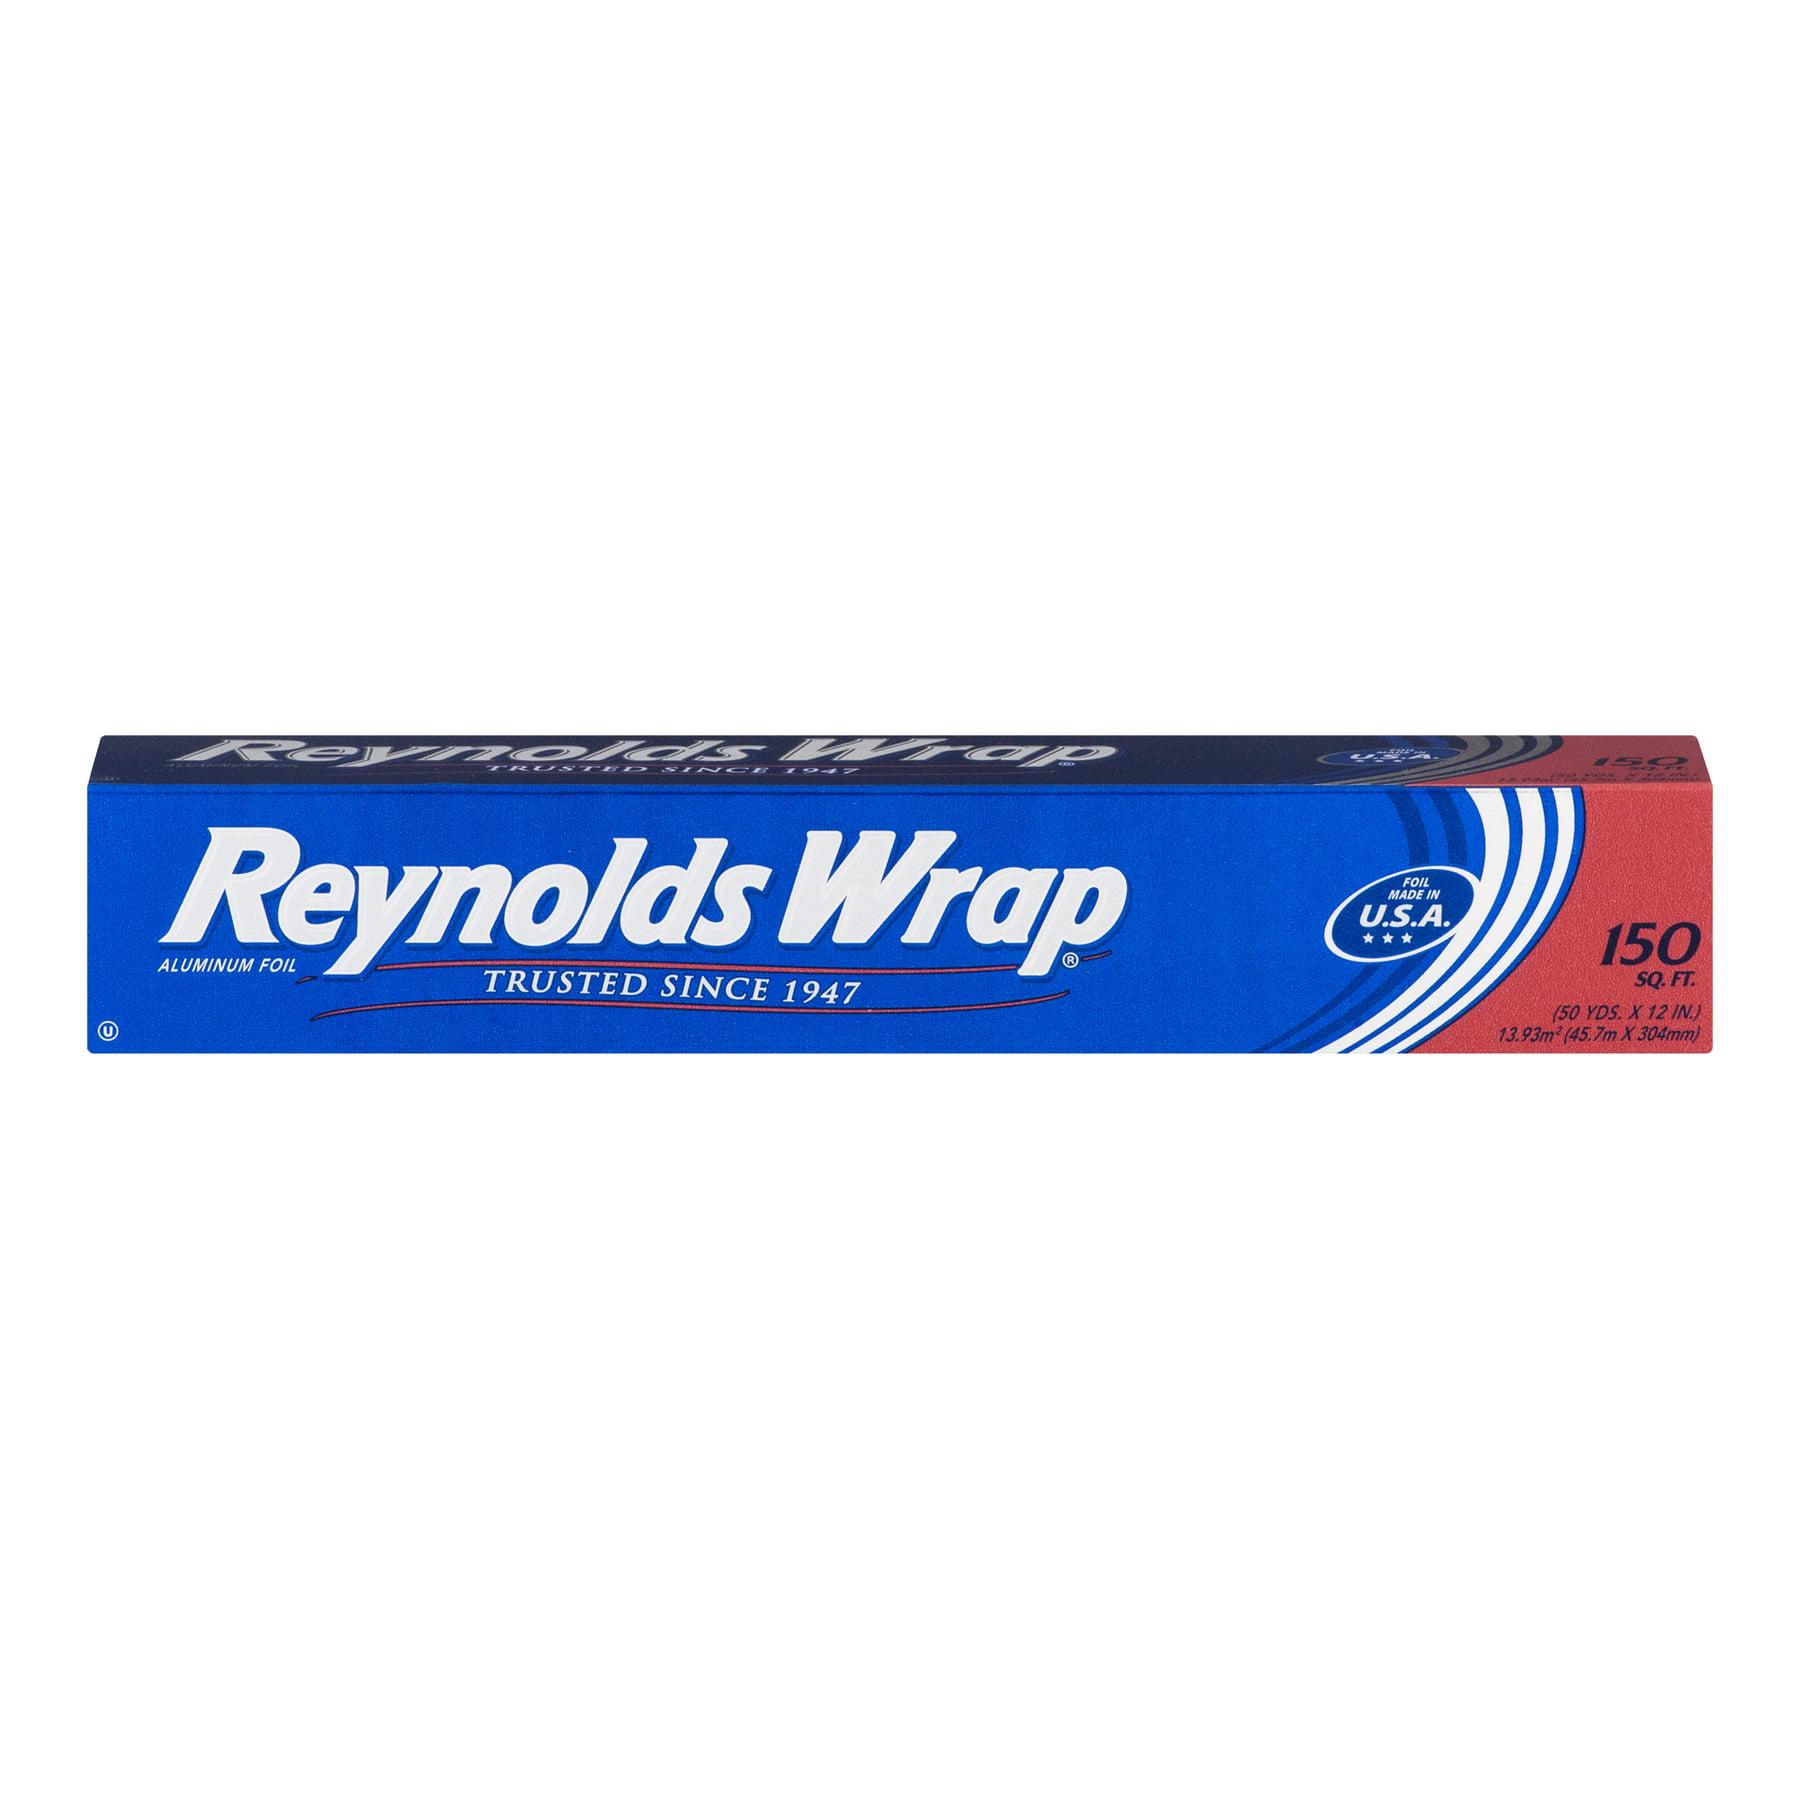 Reynolds Wrap Aluminum Foil, 1.0 CT